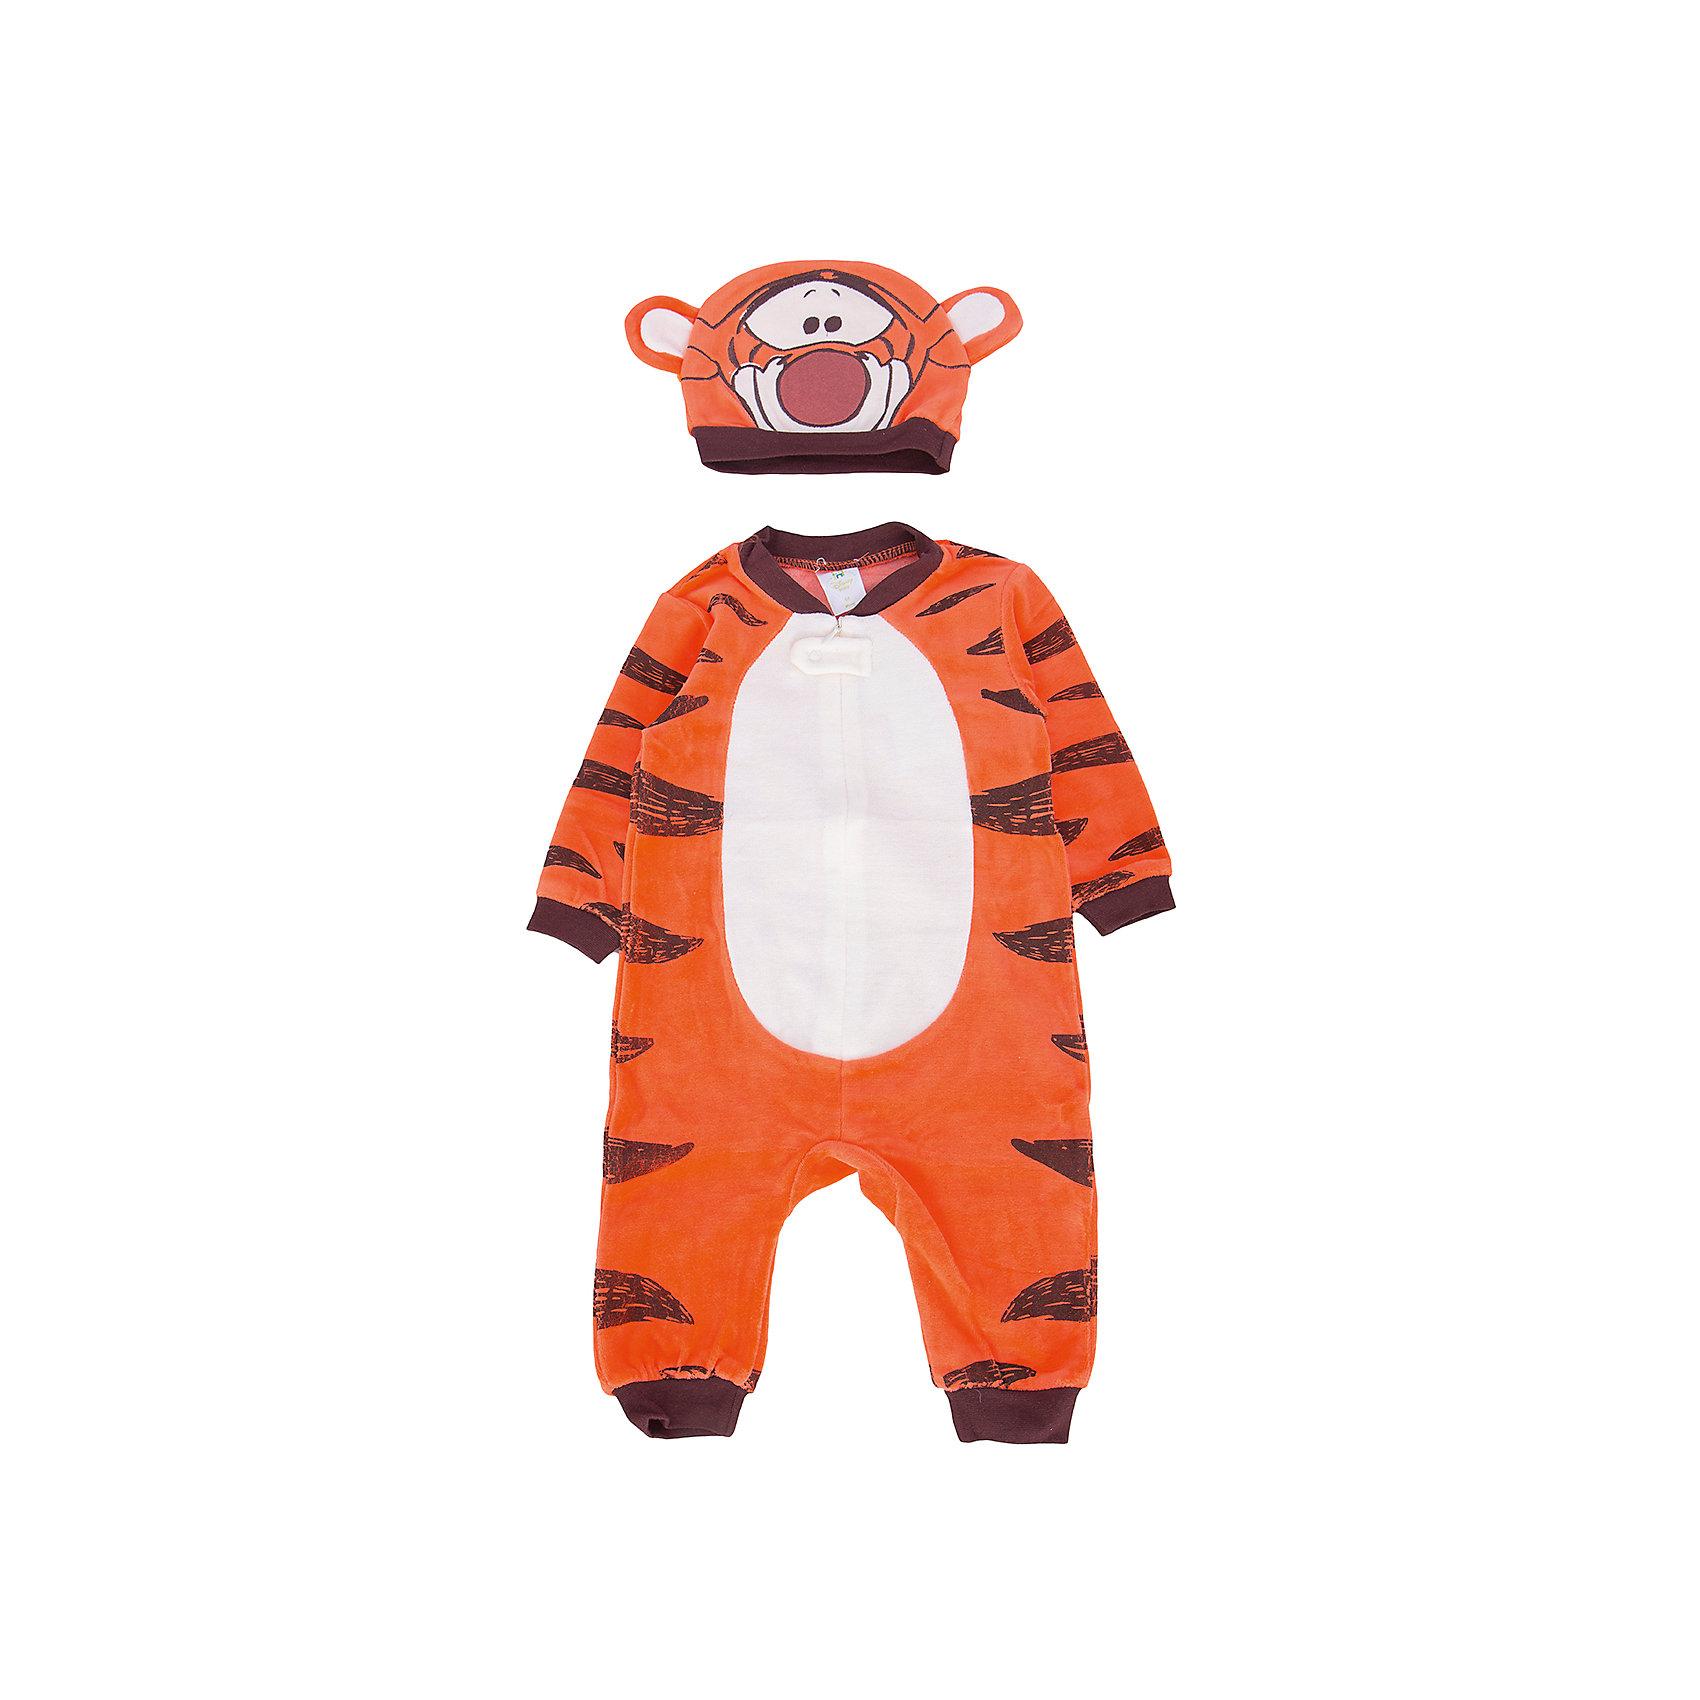 Карнавальный костюм для мальчика PlayTodayКарнавальный костюм для мальчика от известного бренда PlayToday.<br>Велюровый комбинезон.<br><br>Полноценный наряд Тигры из мультфильма Винни-Пух, не уступающий обычным комбинезонам  по функциональности. <br><br>Застегивается на молнию и кнопку спереди, чтобы его удобно было надевать. Рукава и низ на мягкой резинке. <br><br>Модель дополнена шапкой с изображением мордочки Тигры и декоративными ушками.<br>Состав:<br>80% хлопок, 20% полиэстер<br><br>Ширина мм: 157<br>Глубина мм: 13<br>Высота мм: 119<br>Вес г: 200<br>Цвет: оранжевый<br>Возраст от месяцев: 3<br>Возраст до месяцев: 6<br>Пол: Мужской<br>Возраст: Детский<br>Размер: 68,92,86,80,74<br>SKU: 5059471